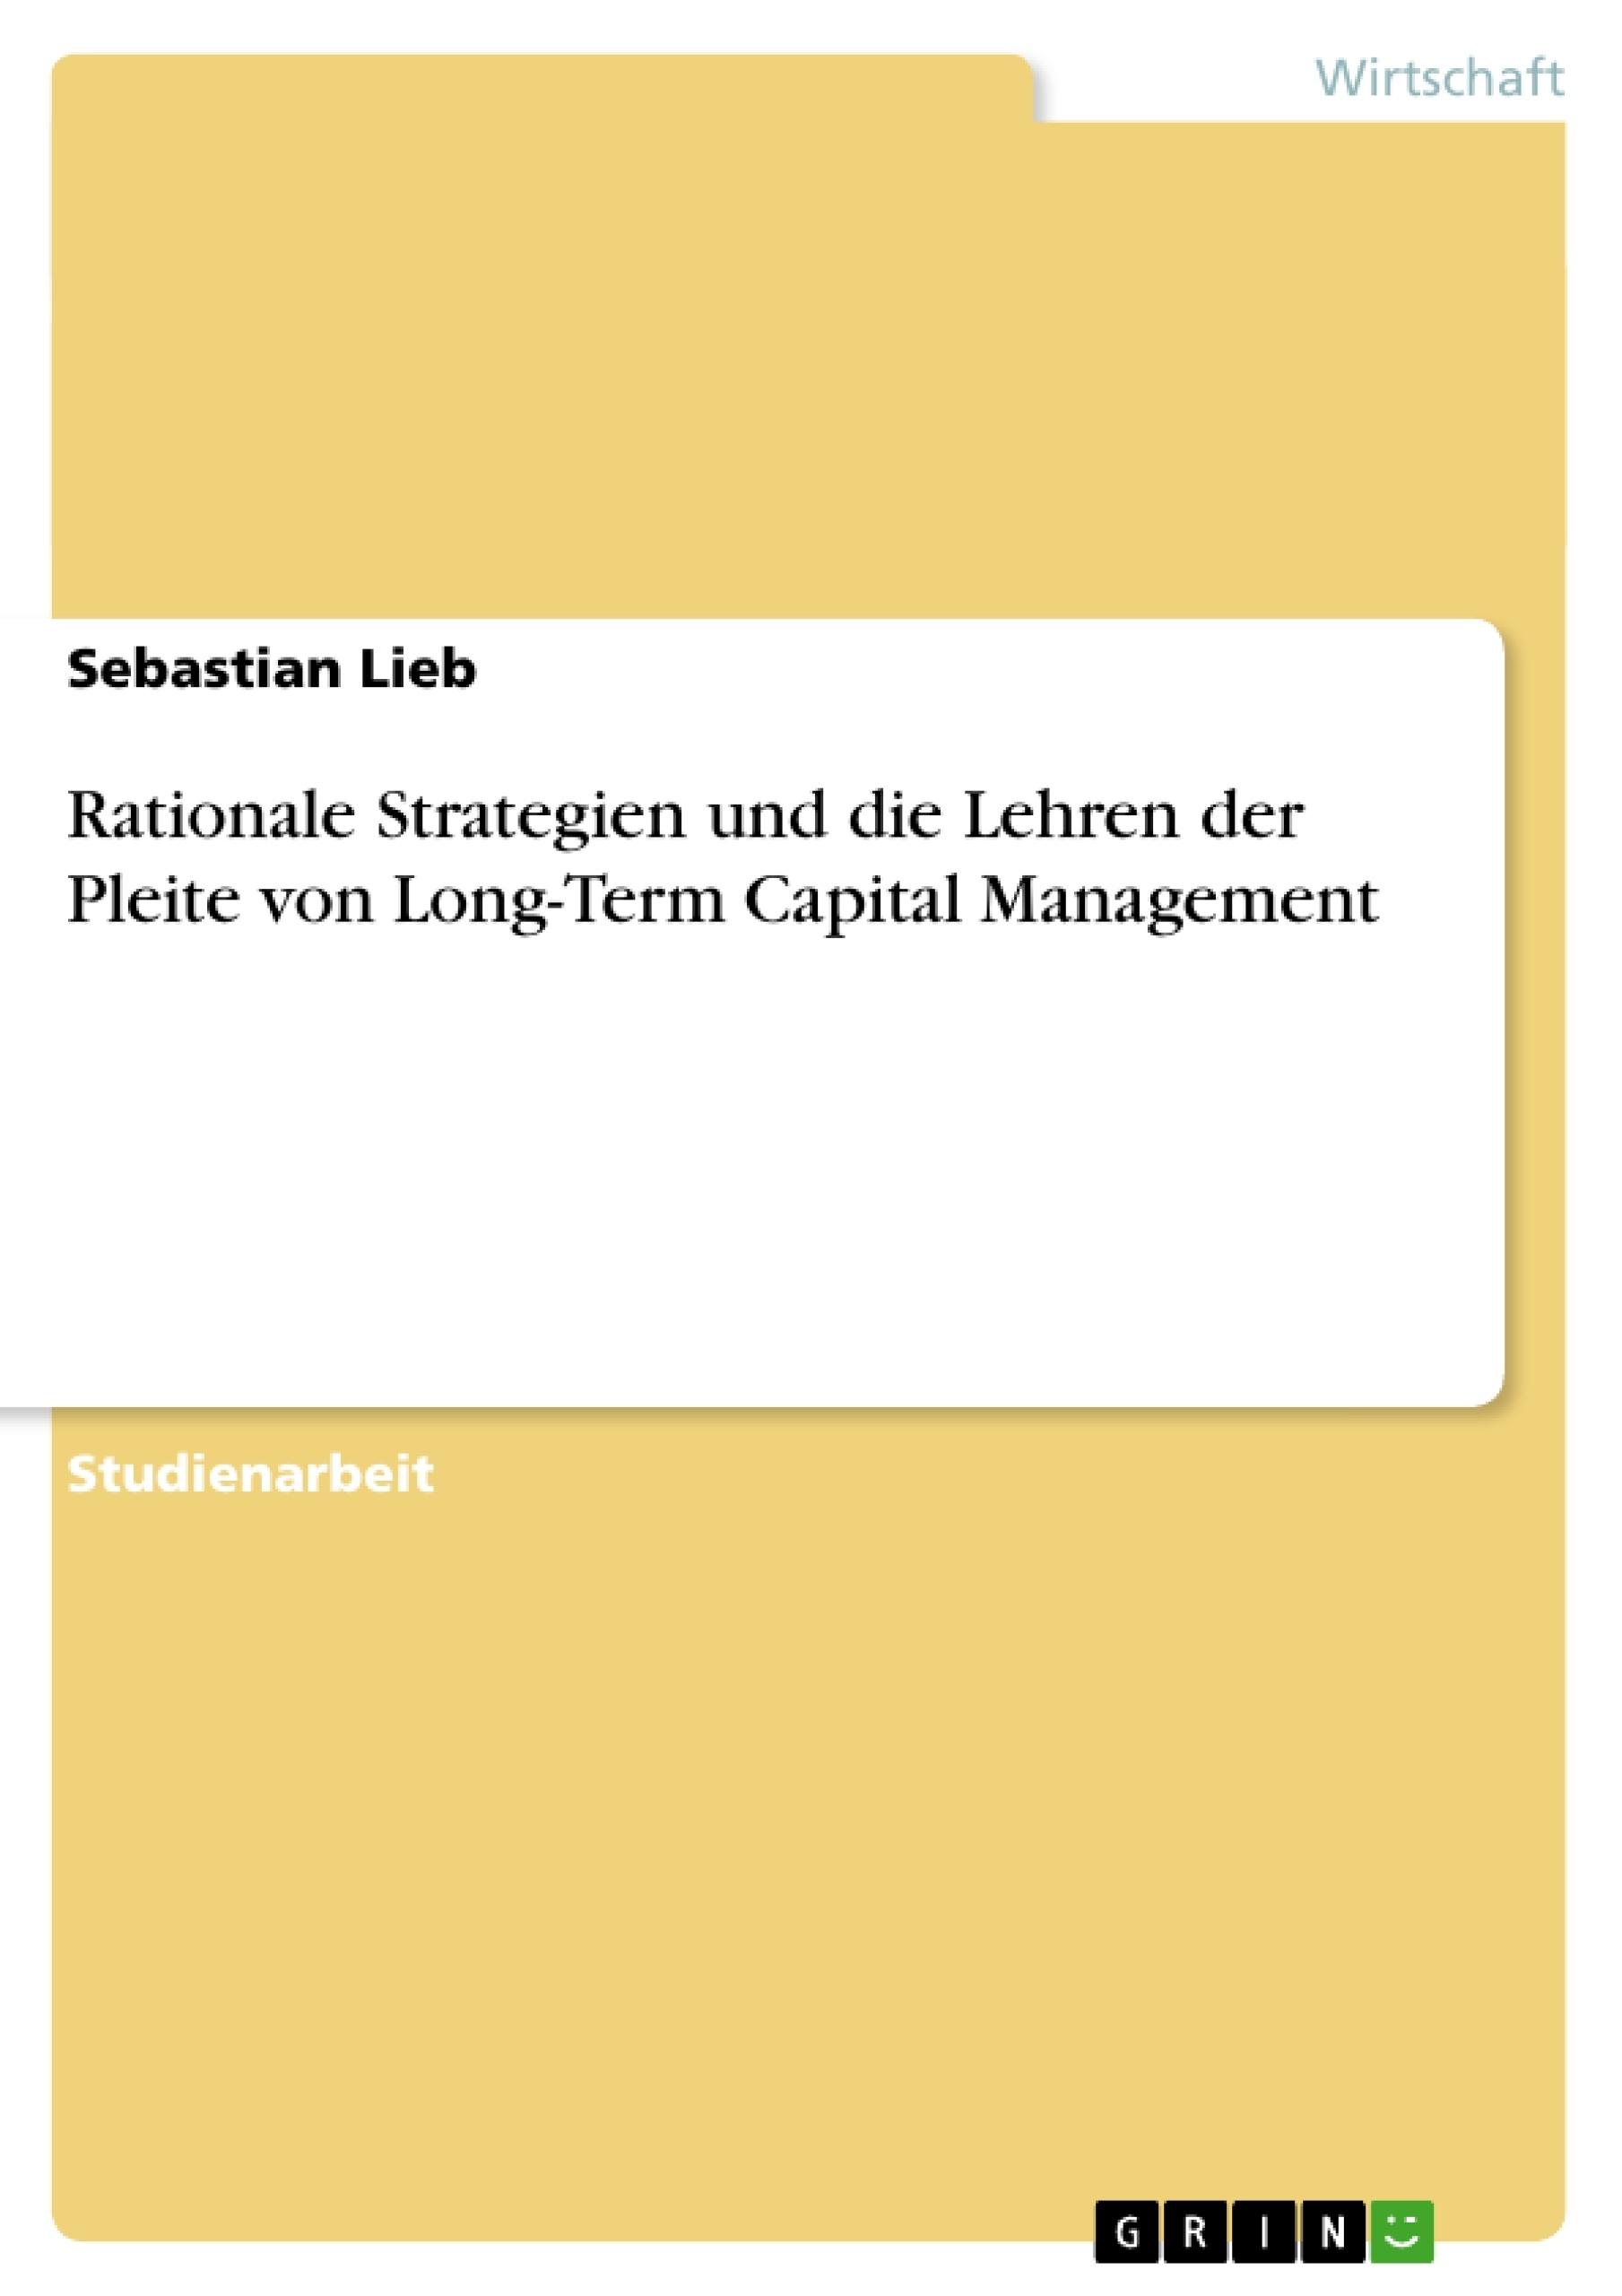 Titel: Rationale Strategien und die Lehren der Pleite von Long-Term Capital Management